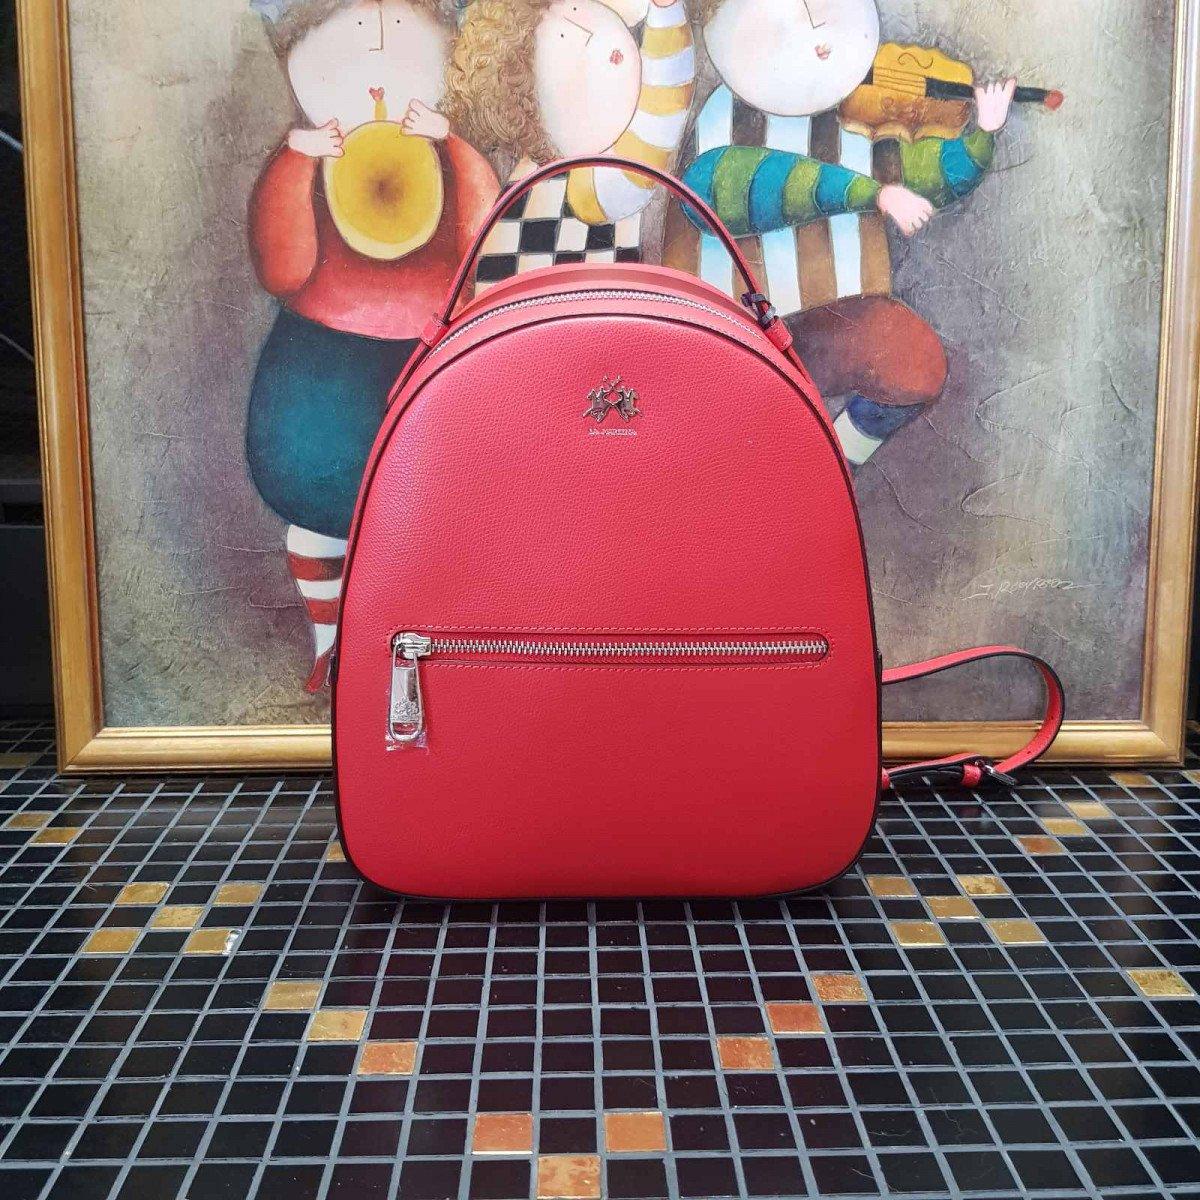 Кожаный женский рюкзак LA Martina 41W281 P0005 true red из натуральной кожи из натуральной кожи